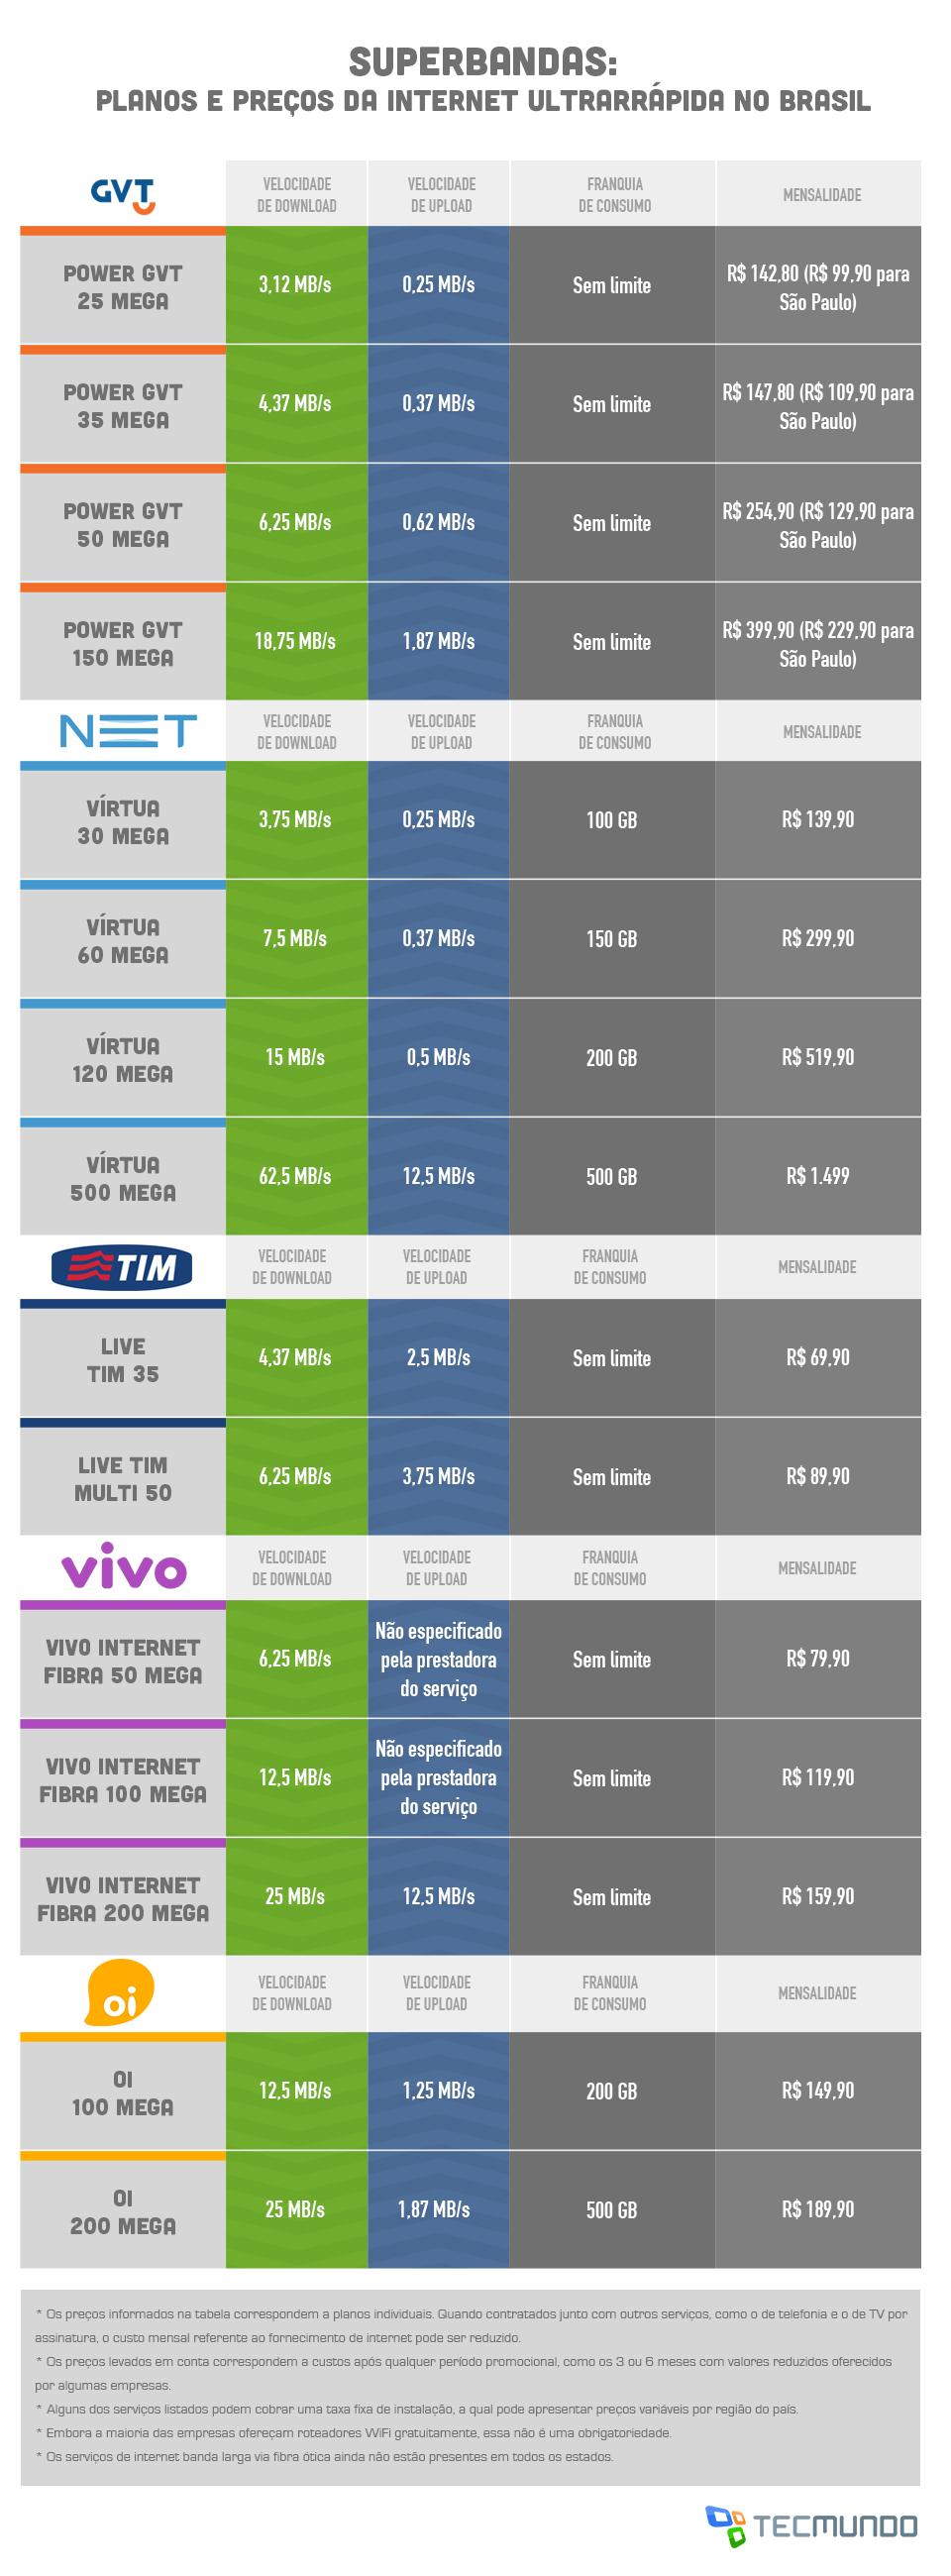 Superbandas: internet ultrarrápida chegou ao Brasil. Veja planos e preços